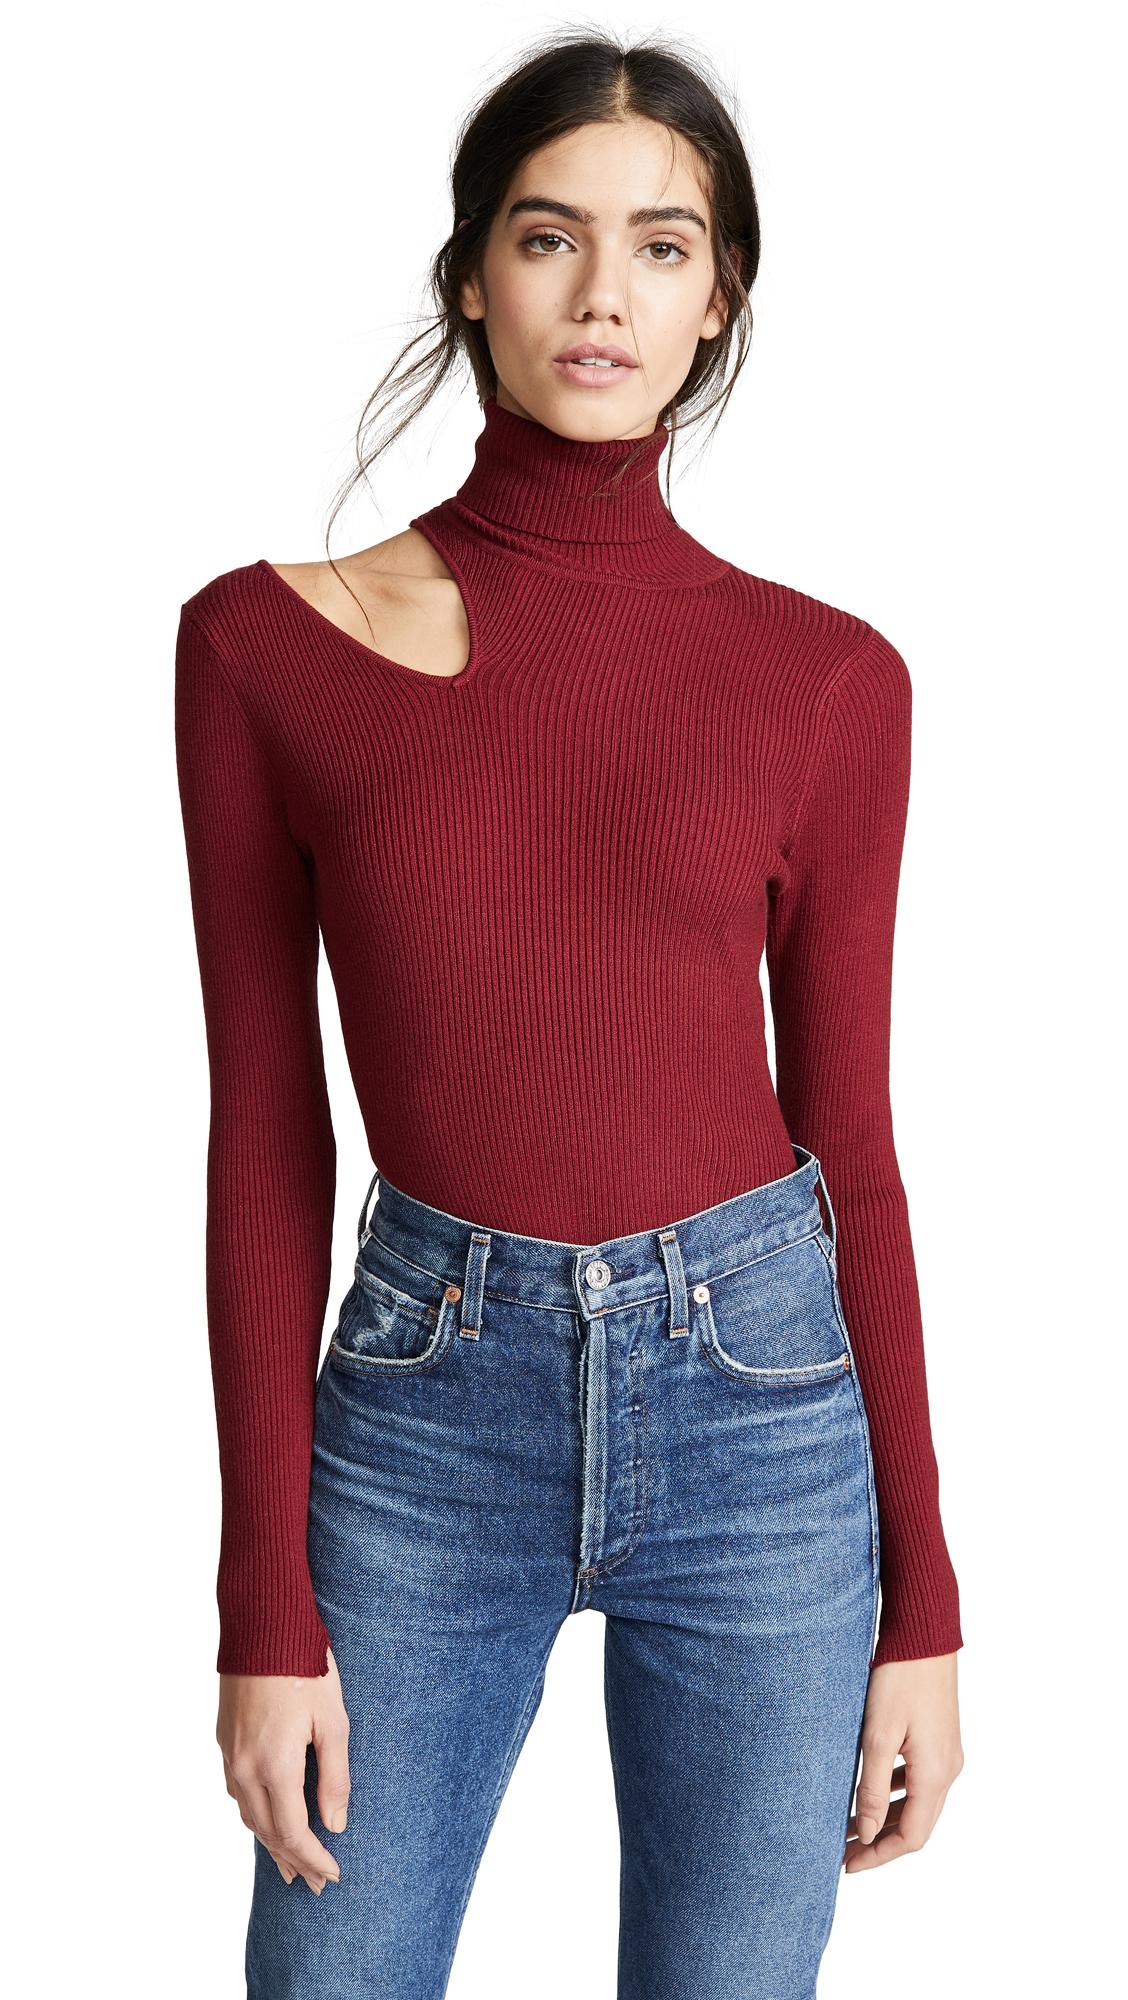 ASTR Vivi Sweater in Scarlet Red